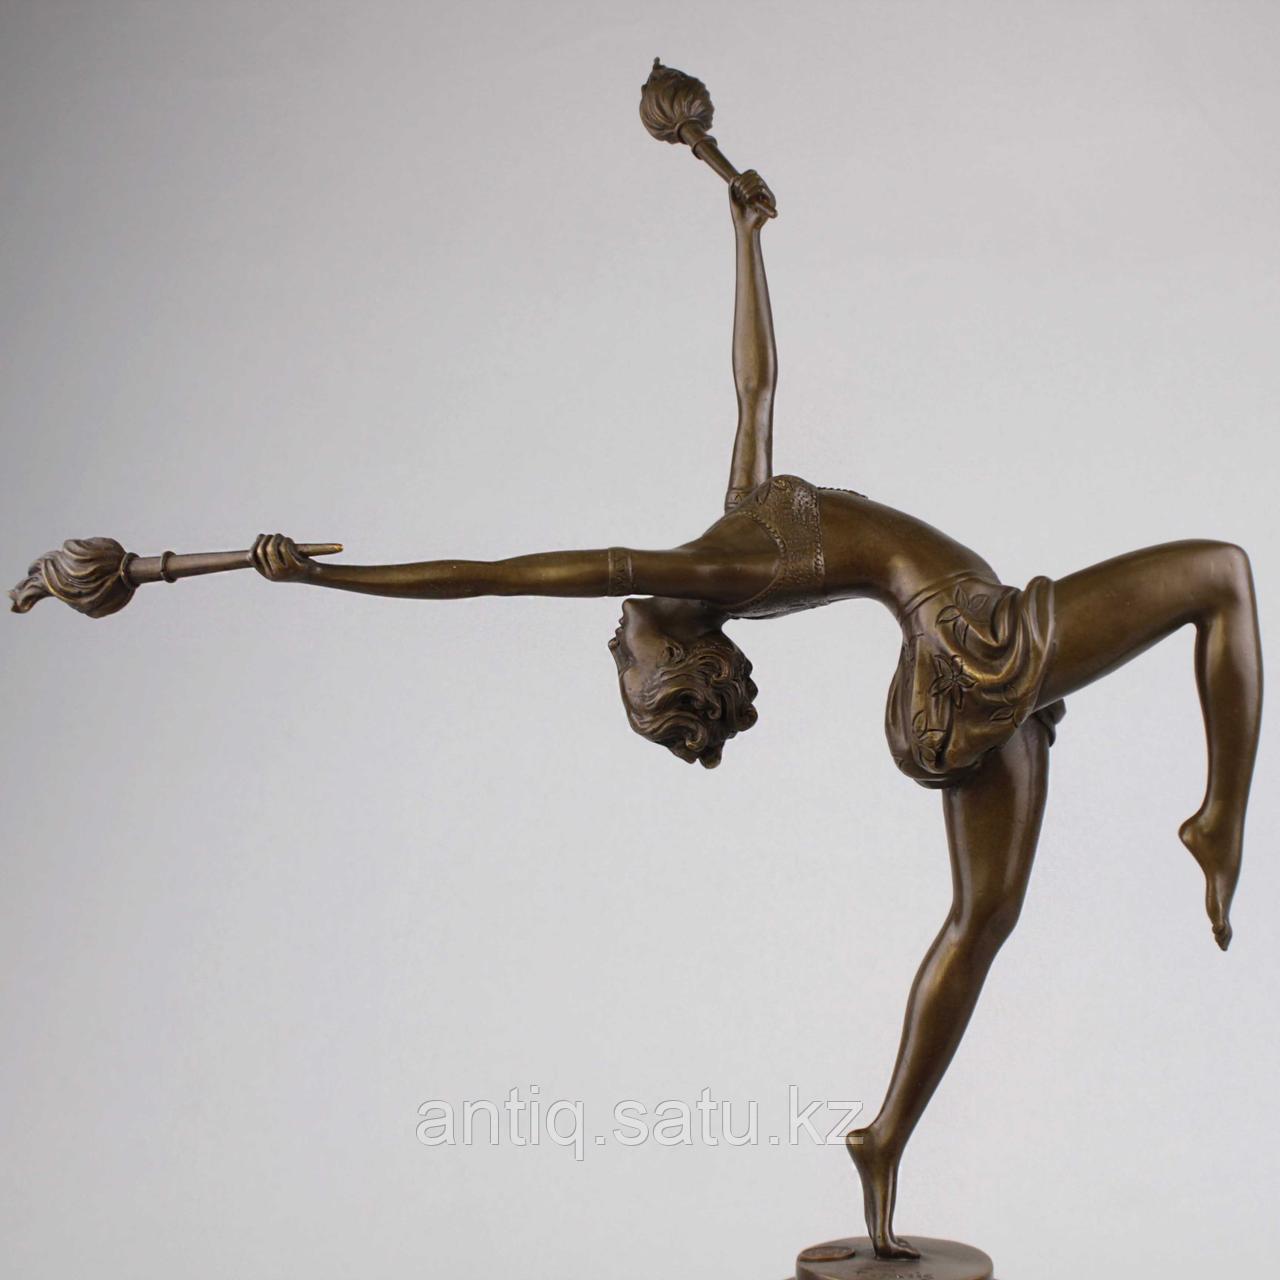 Танцовщица с факелами По модели всемирно известного французского скульптора Ferdinand Preiss (1882-1943) - фото 5